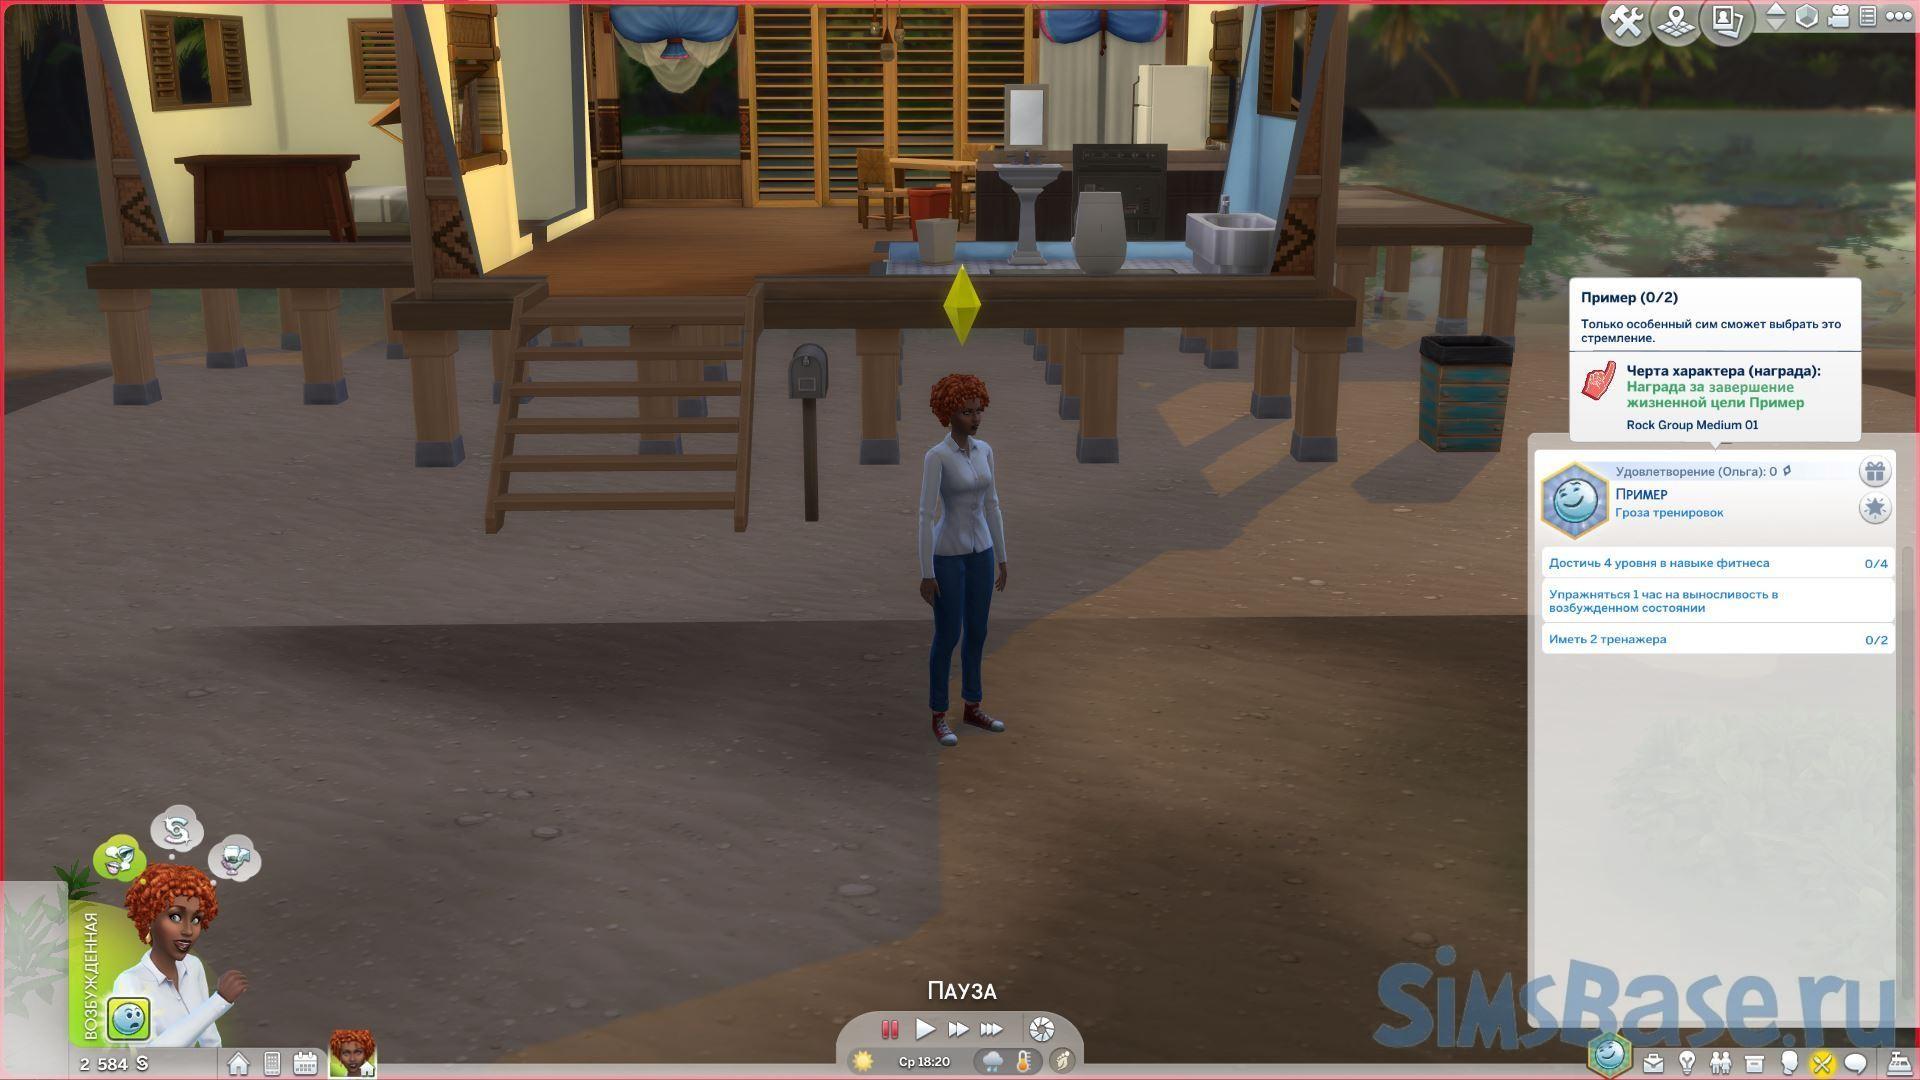 Как создать мод Sims 4. Часть 11. Жизненная цель-2